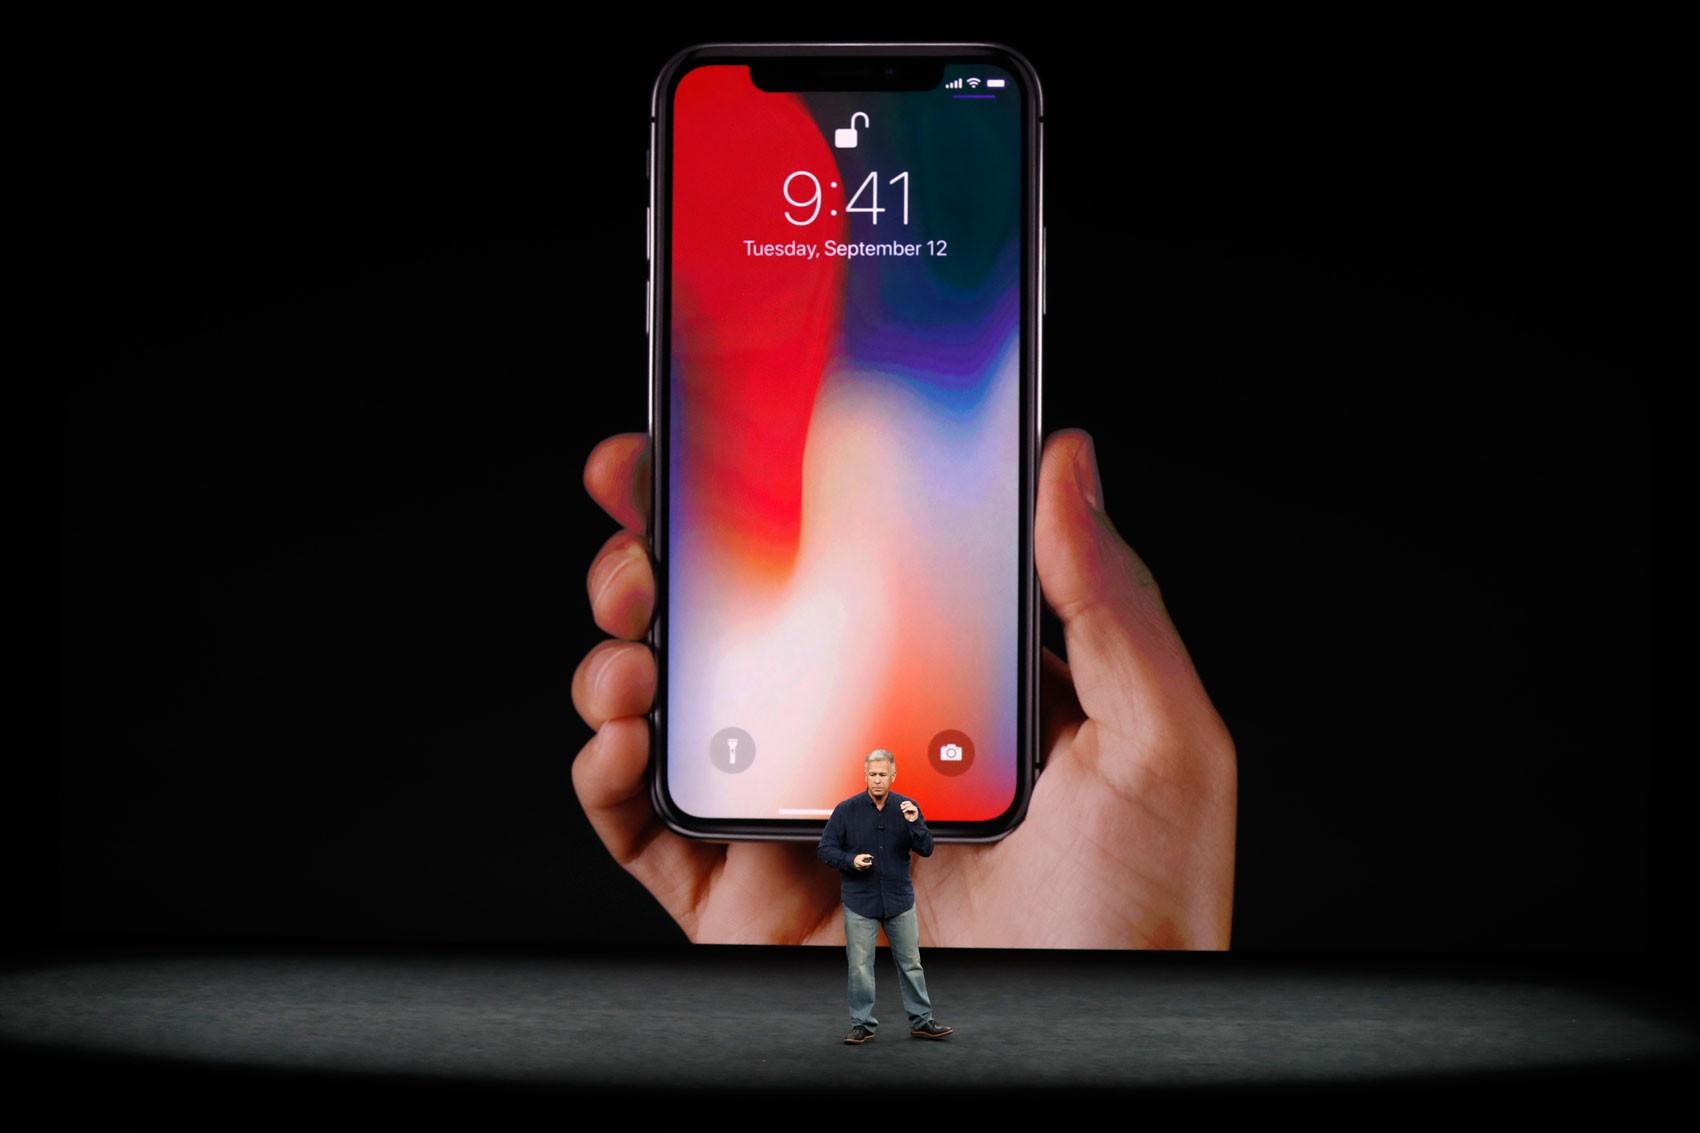 Como verificar se foi instalado um app espião no iPhone?